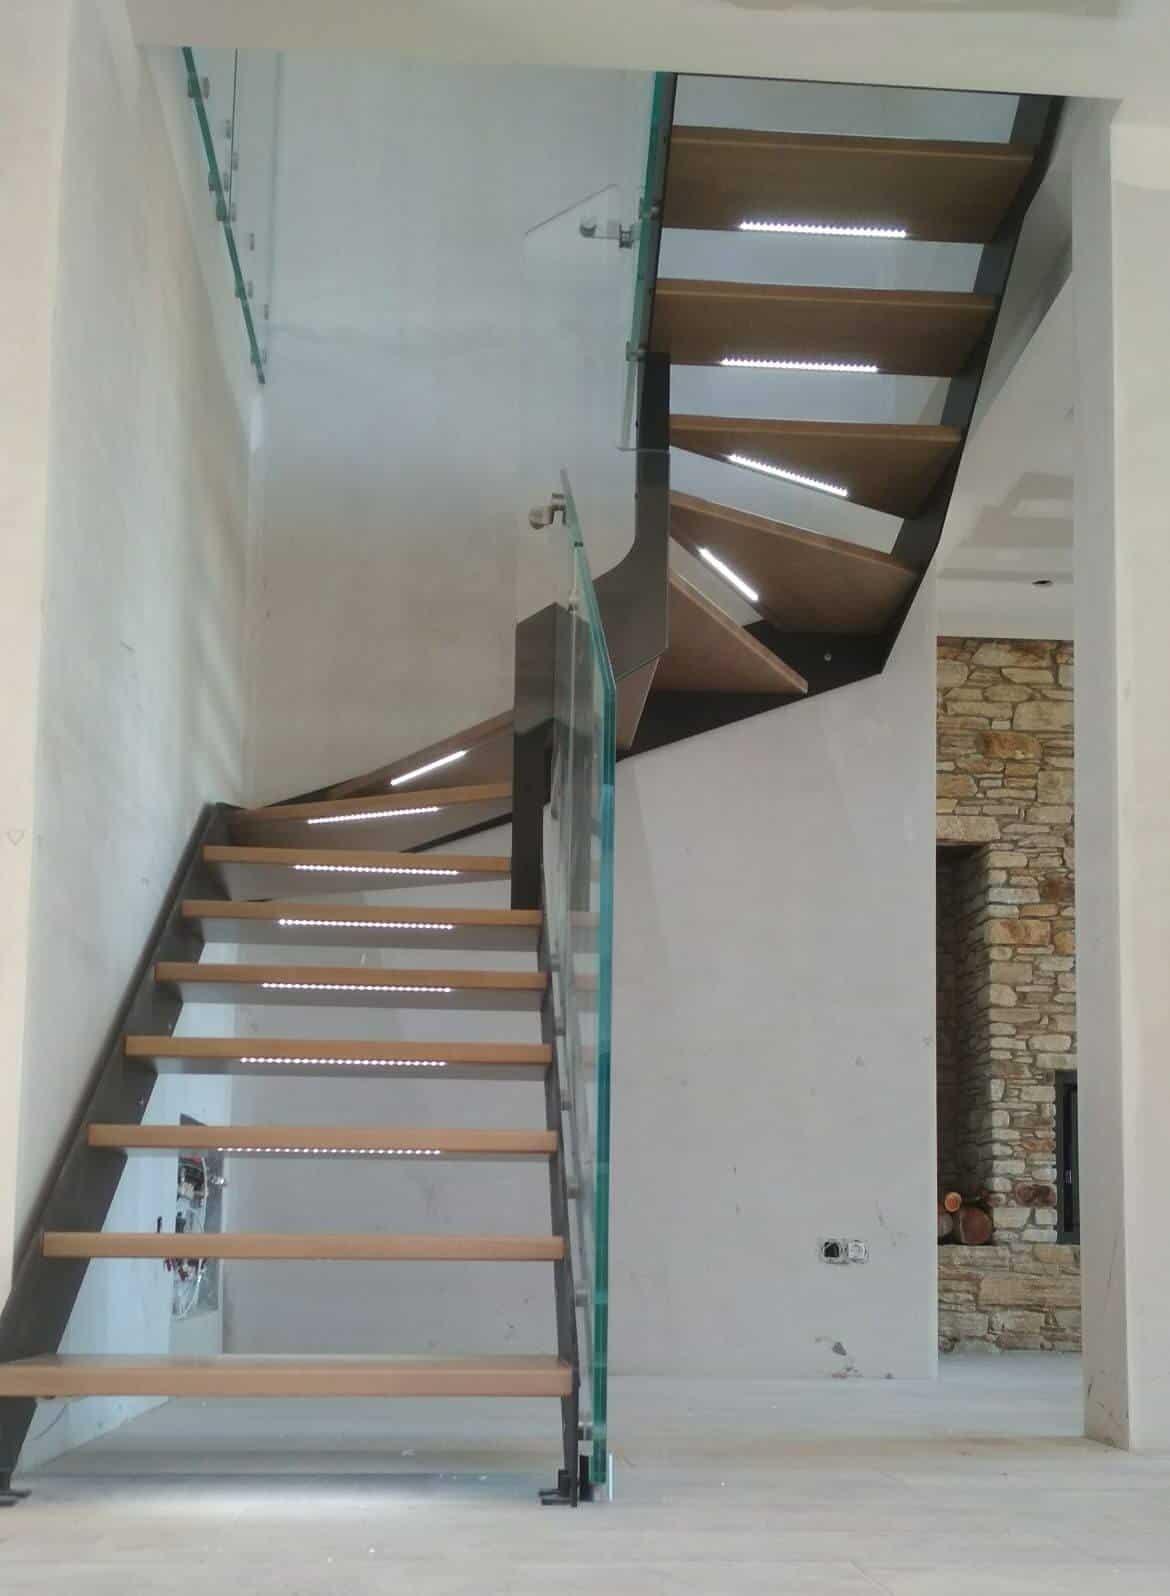 Escalera de madera con luz en los peldaños de enesca